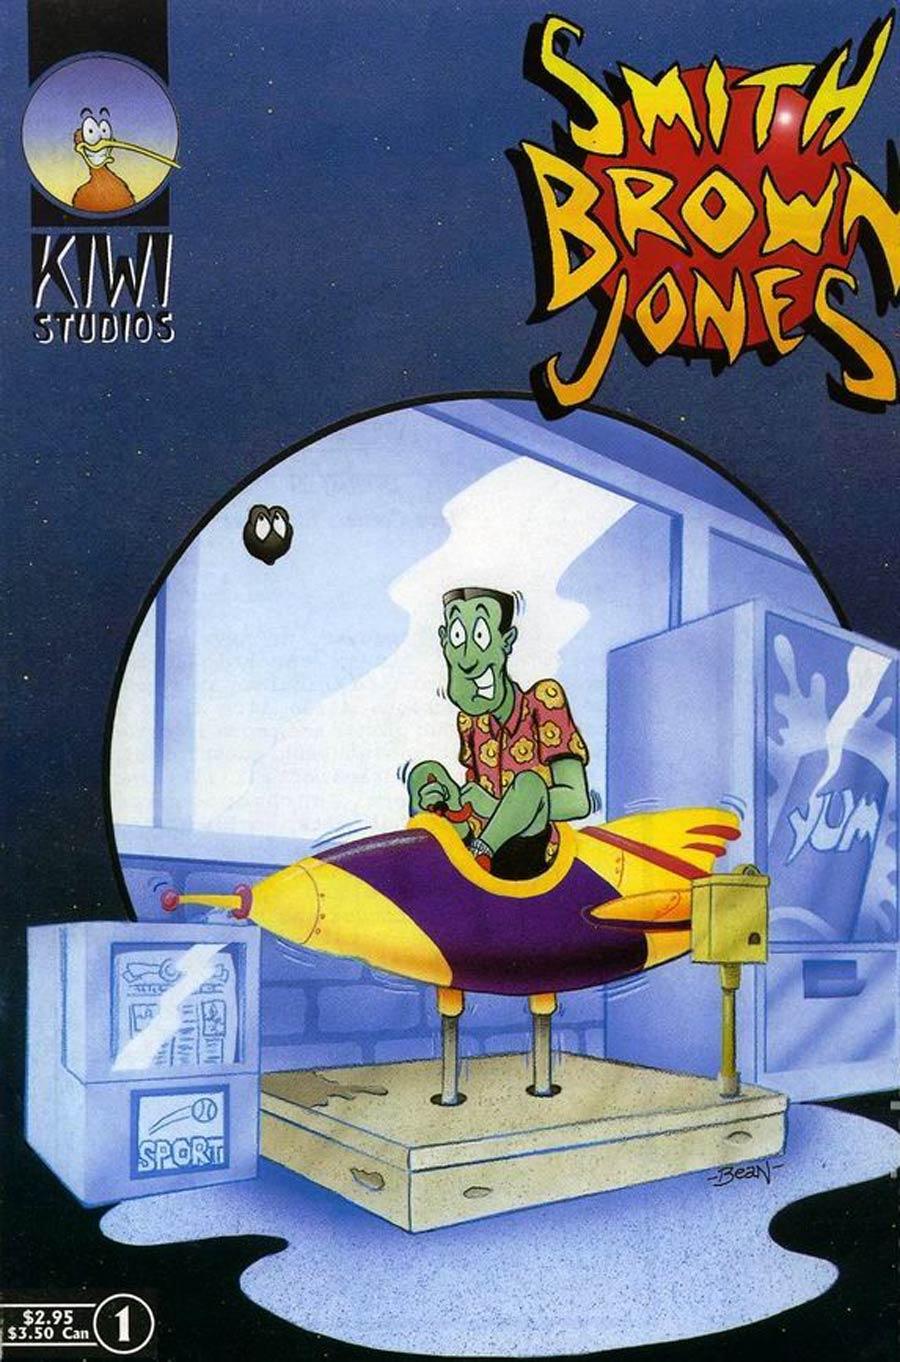 Smith Brown Jones #1